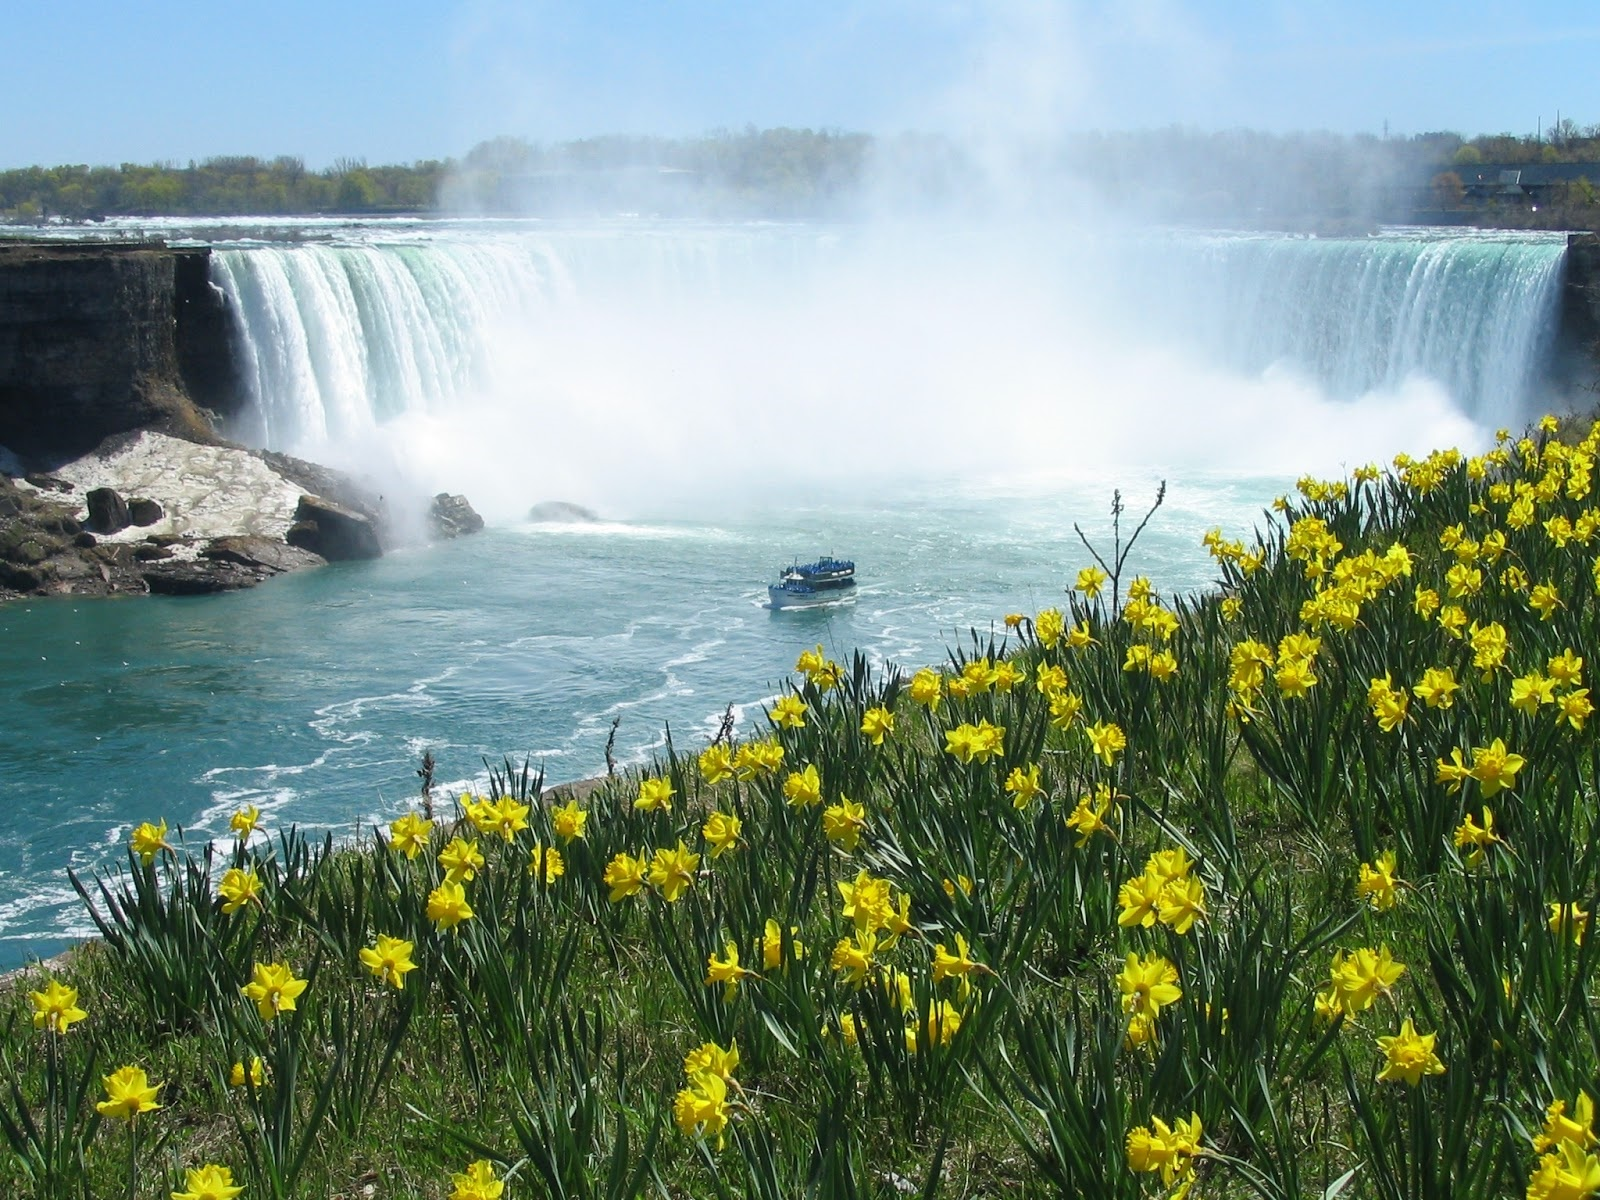 بالصور مناظر طبيعيه روعه , اجمل صور مناظر طبيعيه خلابه 5969 8